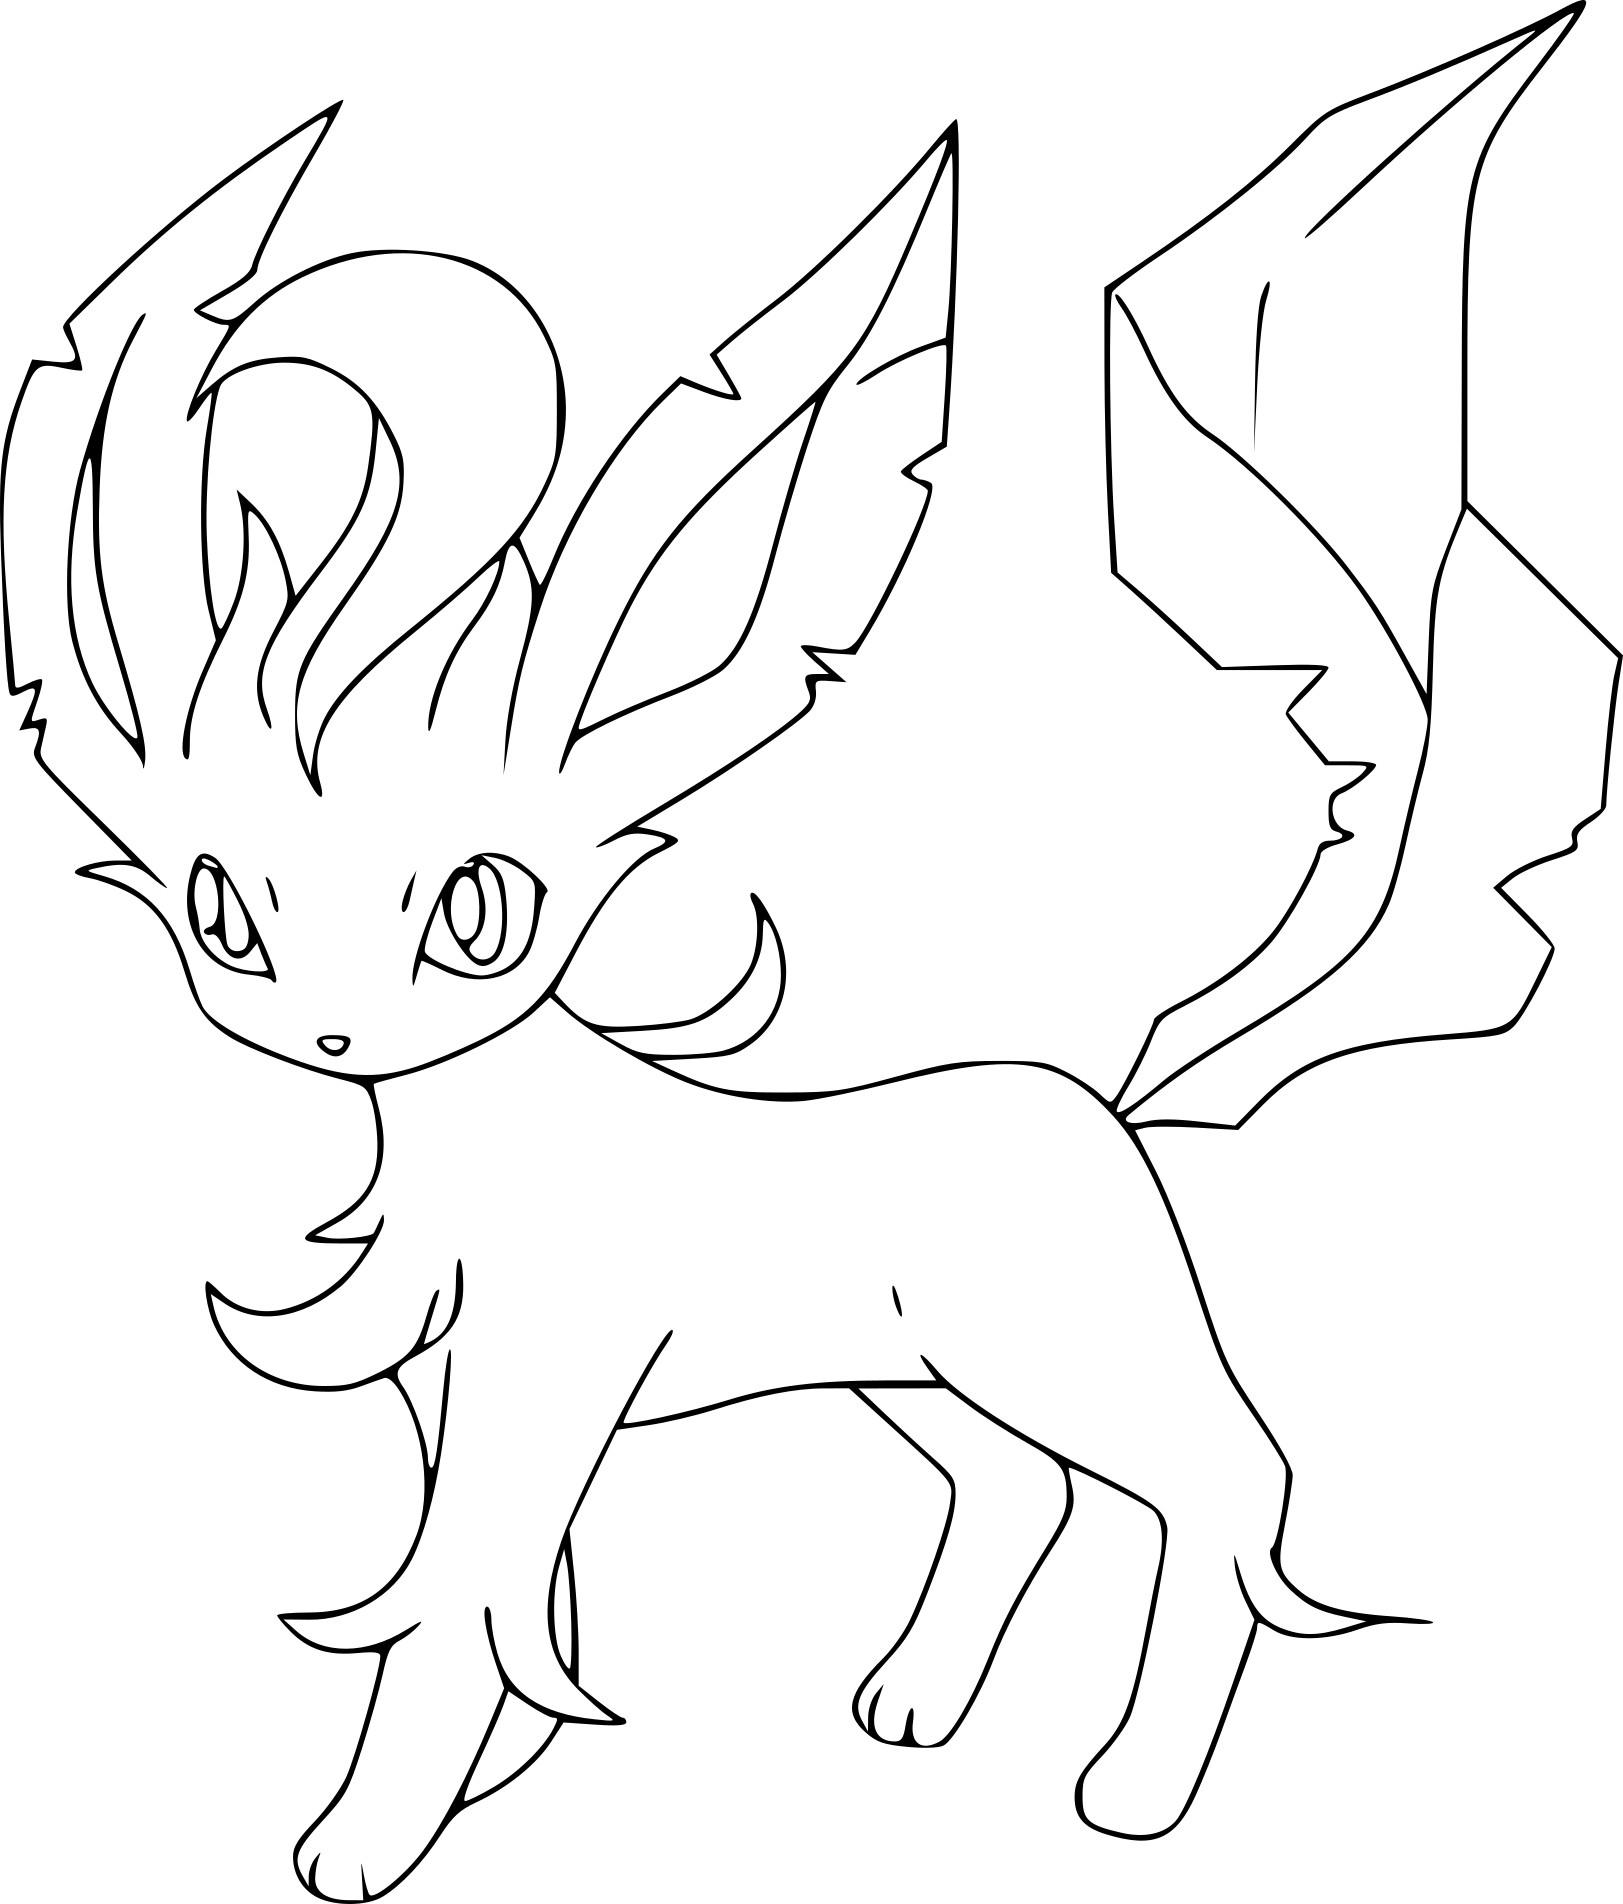 Coloriage Phyllali Pokemon À Imprimer encequiconcerne Coloriage De Pokemon A Imprimer